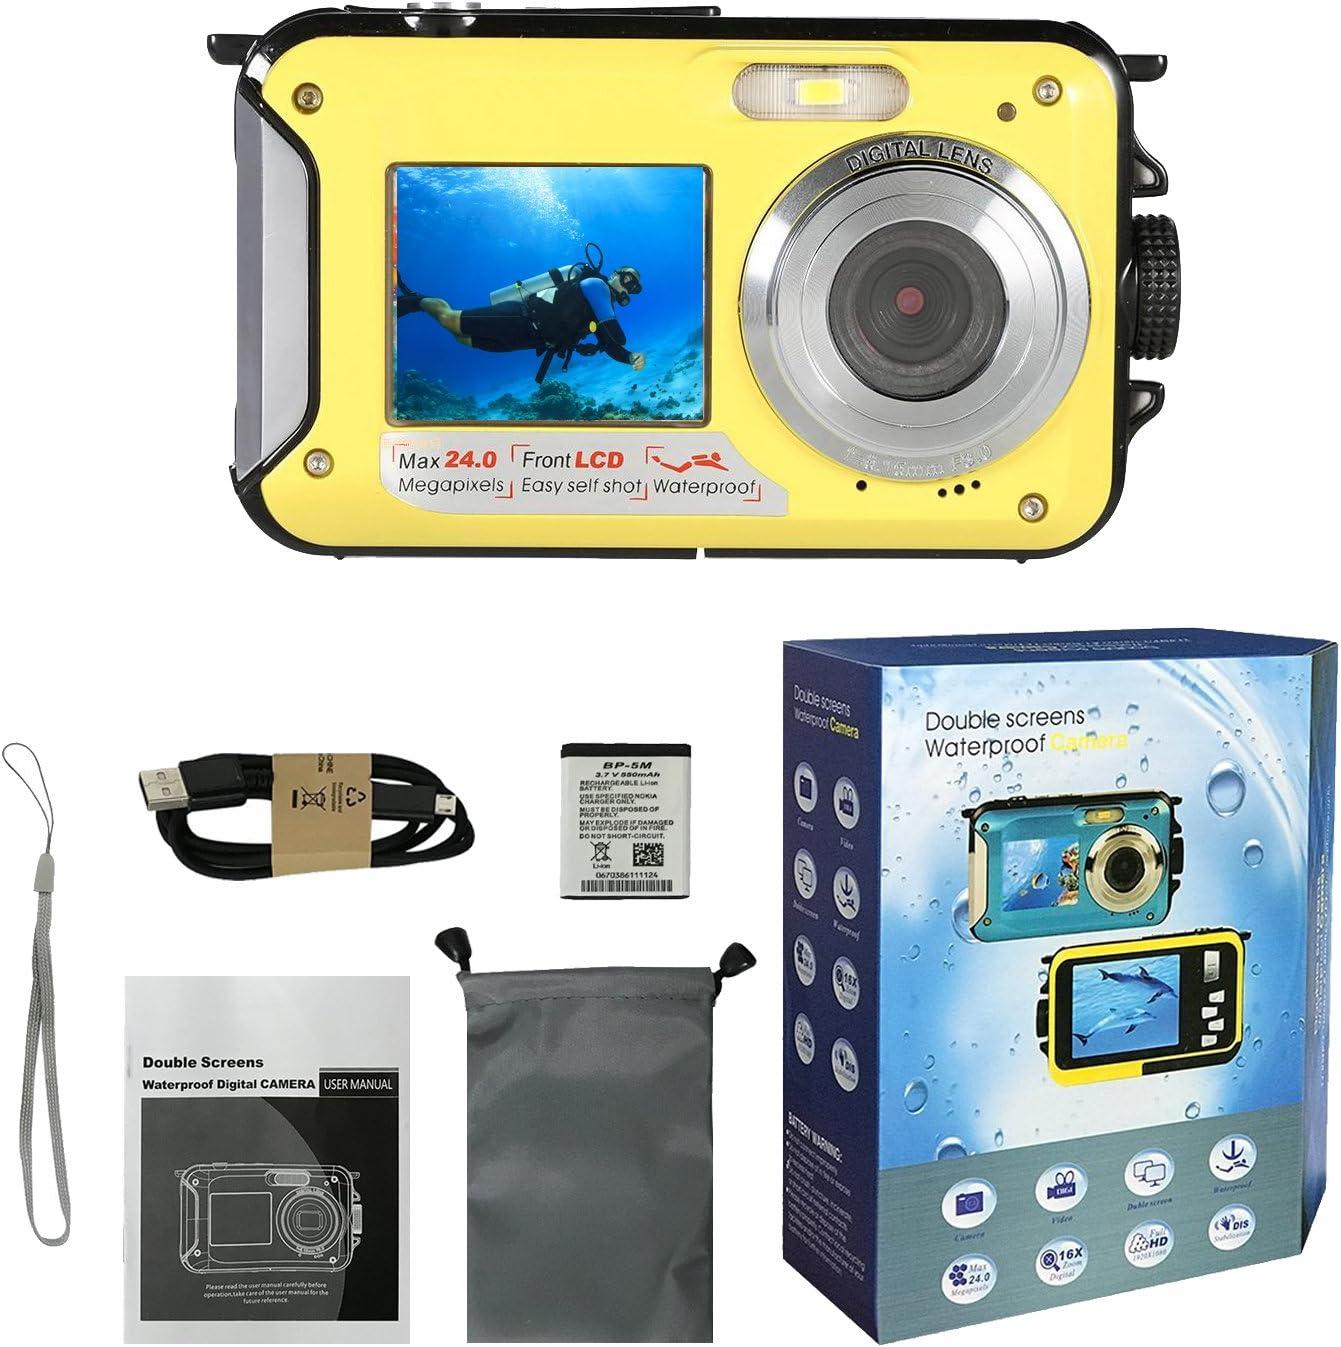 Waterproof Digital Camera Underwater Cameras,Waterproof Underwater Digital Cameras for Snorkelling Travel Holiday Selfie Dual Screen